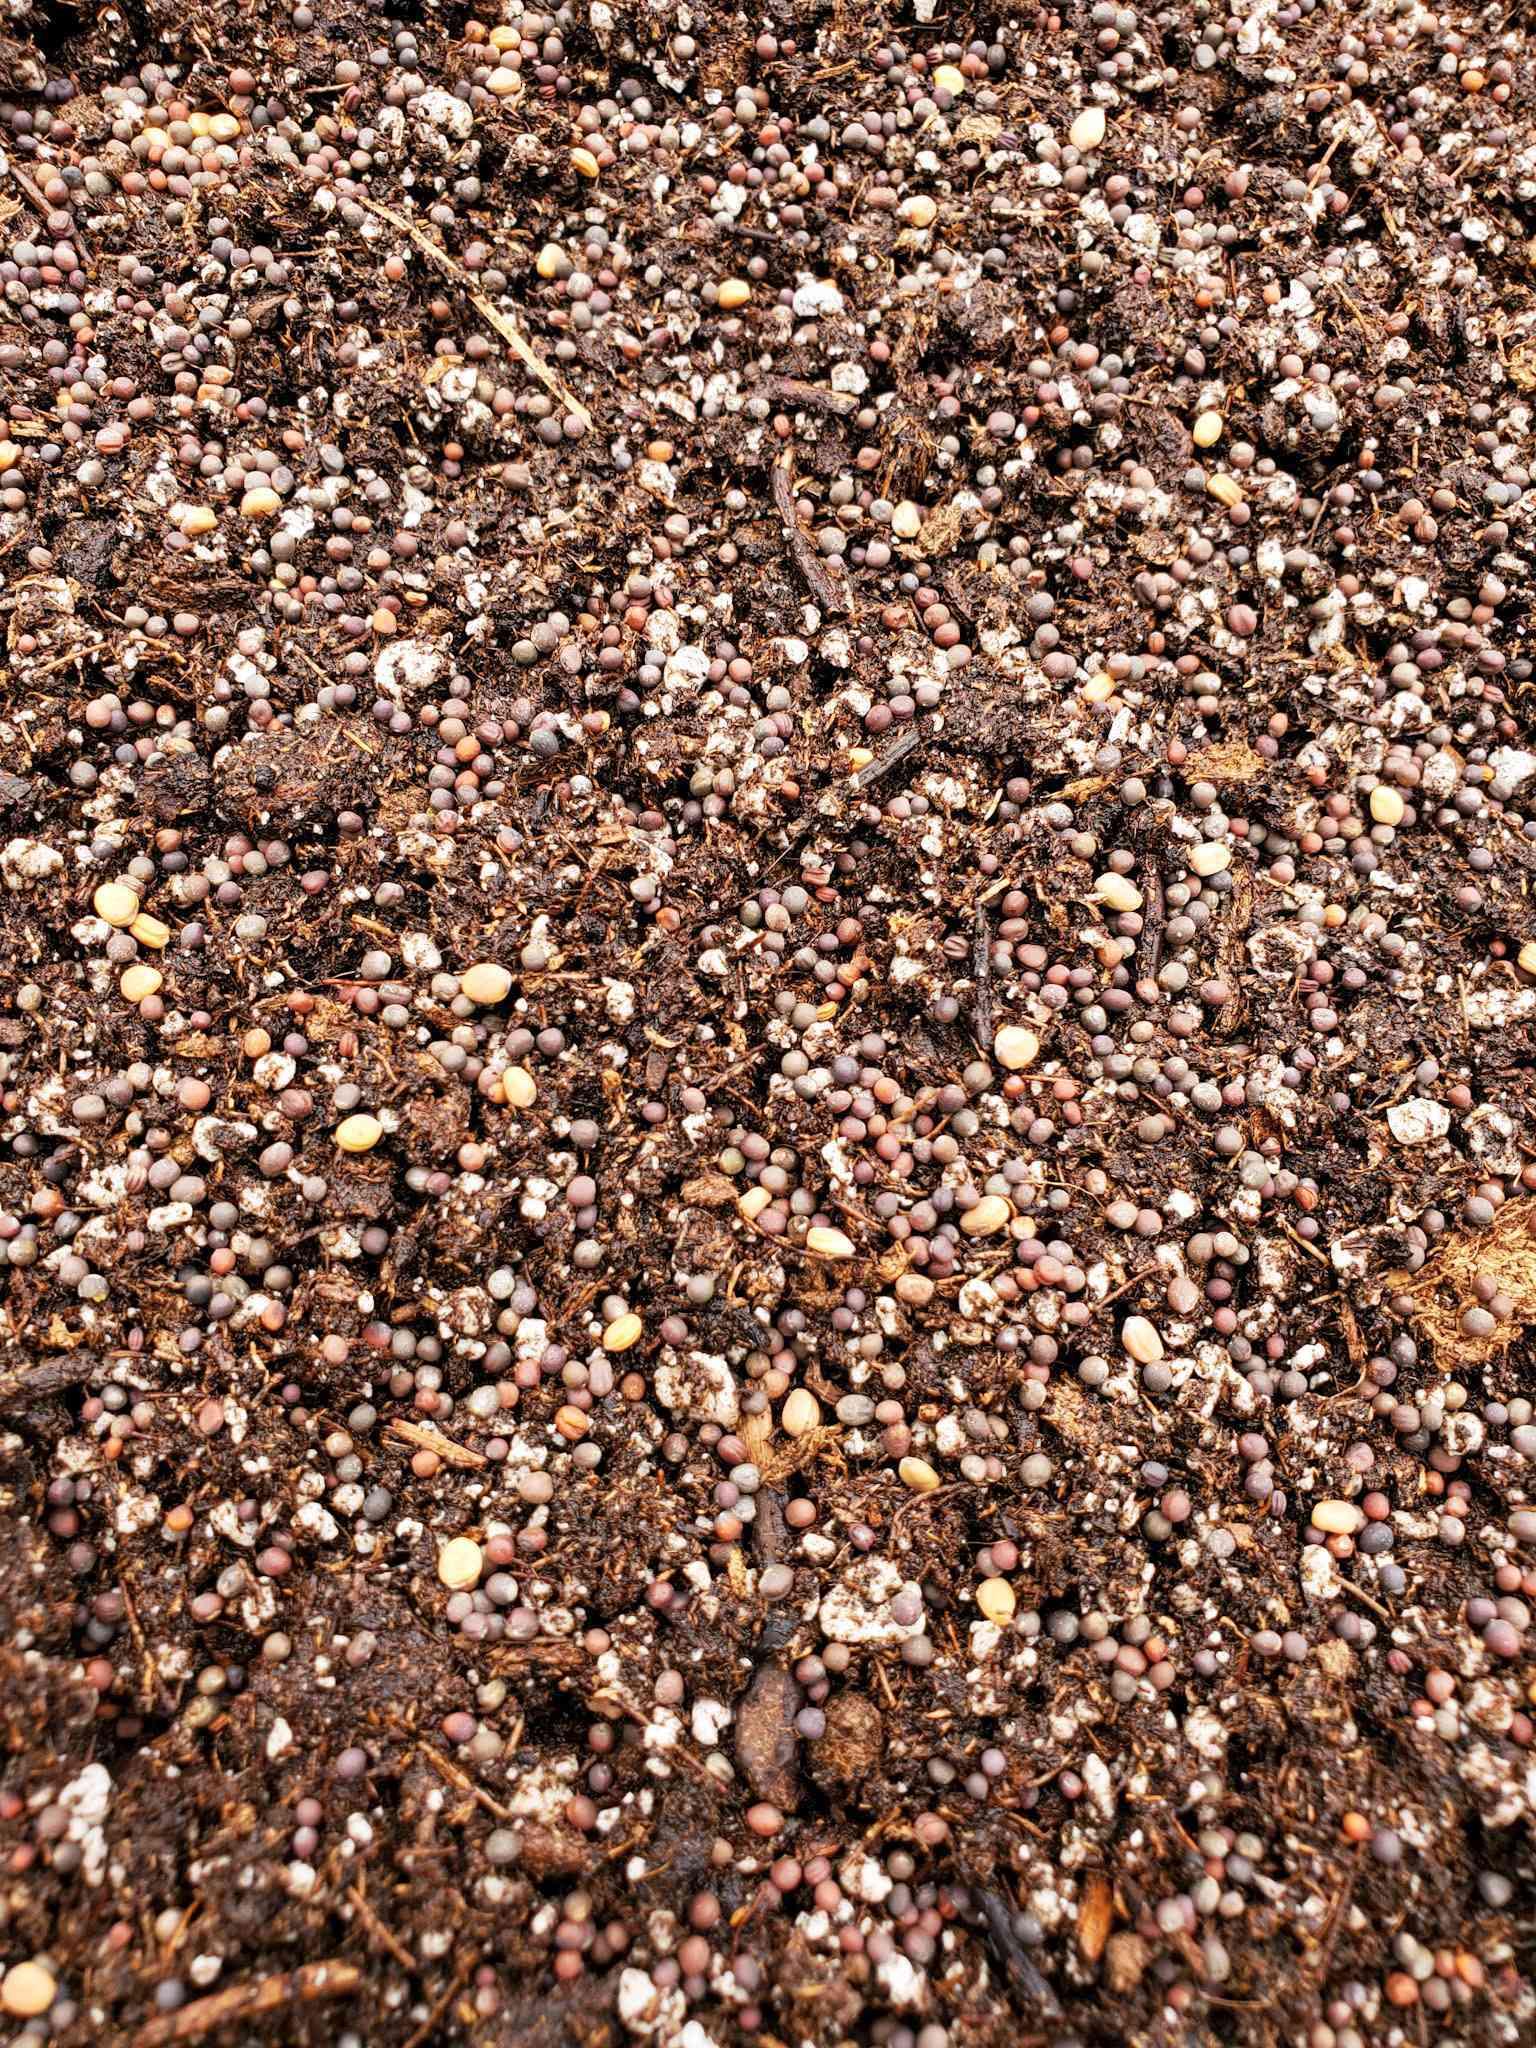 Une image en gros plan d'un mélange de graines de brassica semées sur le dessus du mélange de sol de départ des graines. Les graines sont plus petites et peuvent être semées plus fortement.